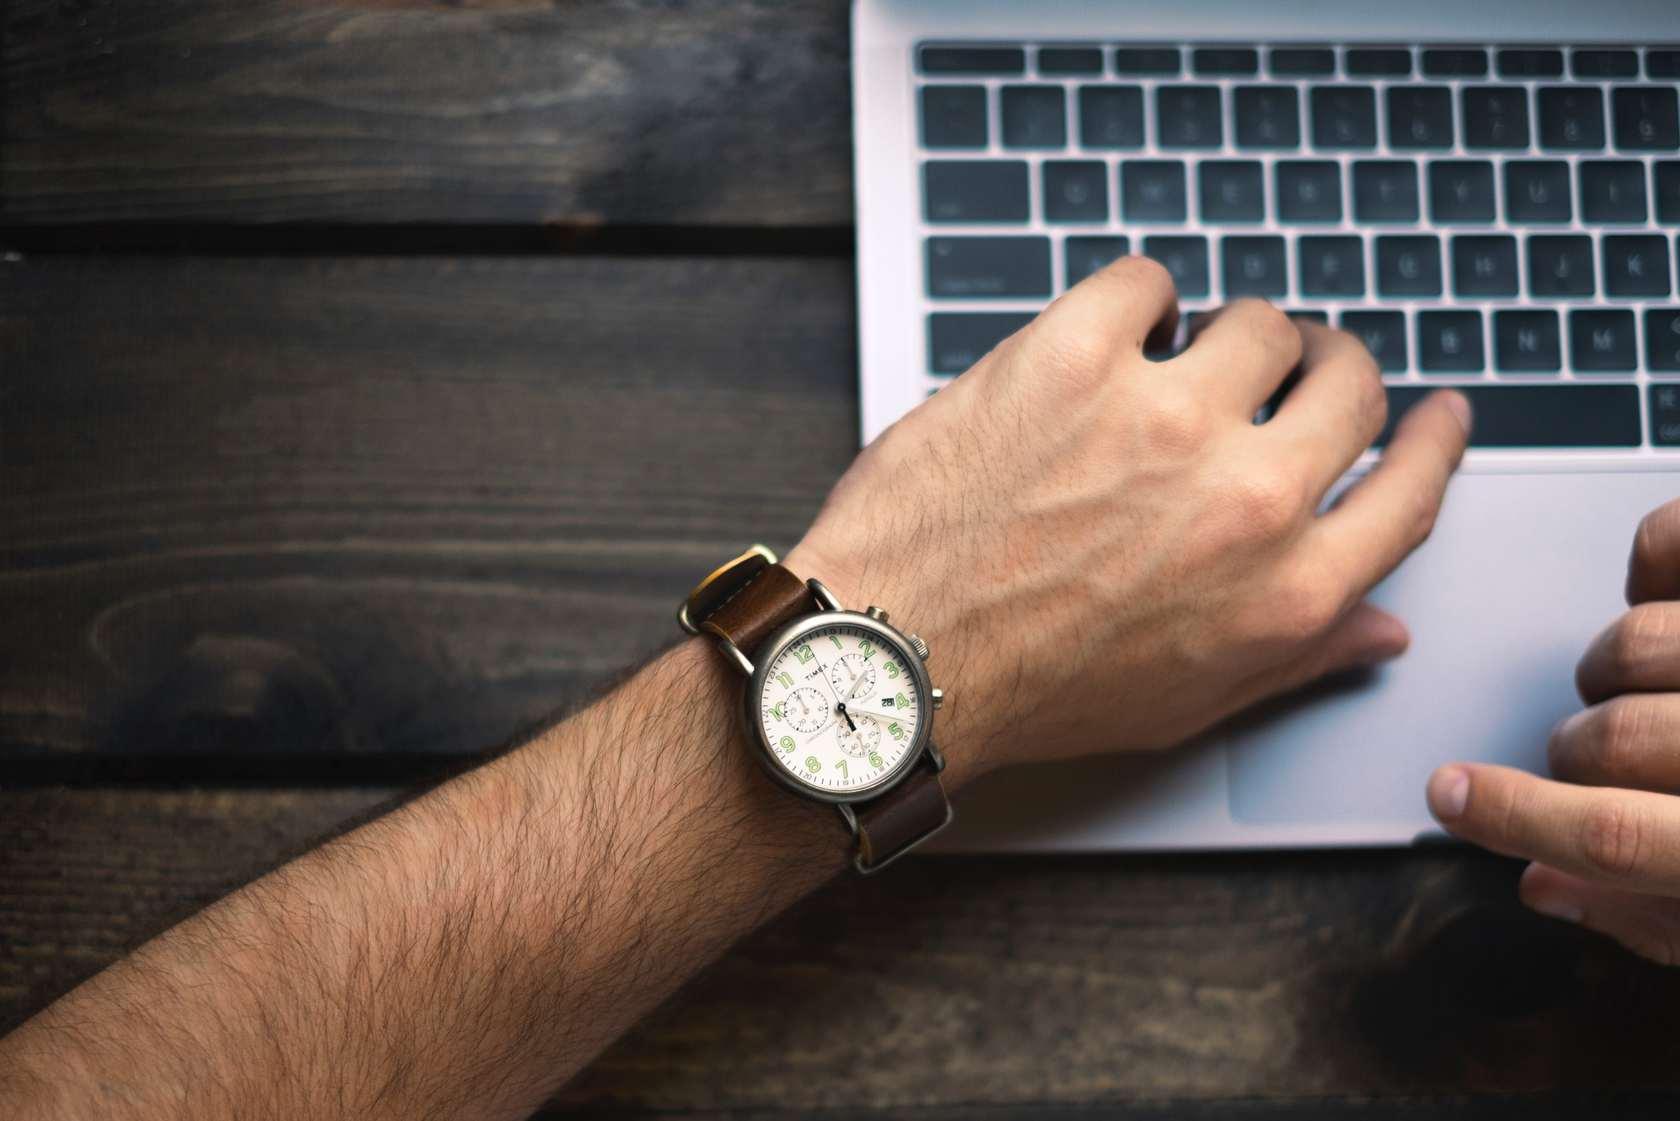 Время публикации Вконтакте и контент